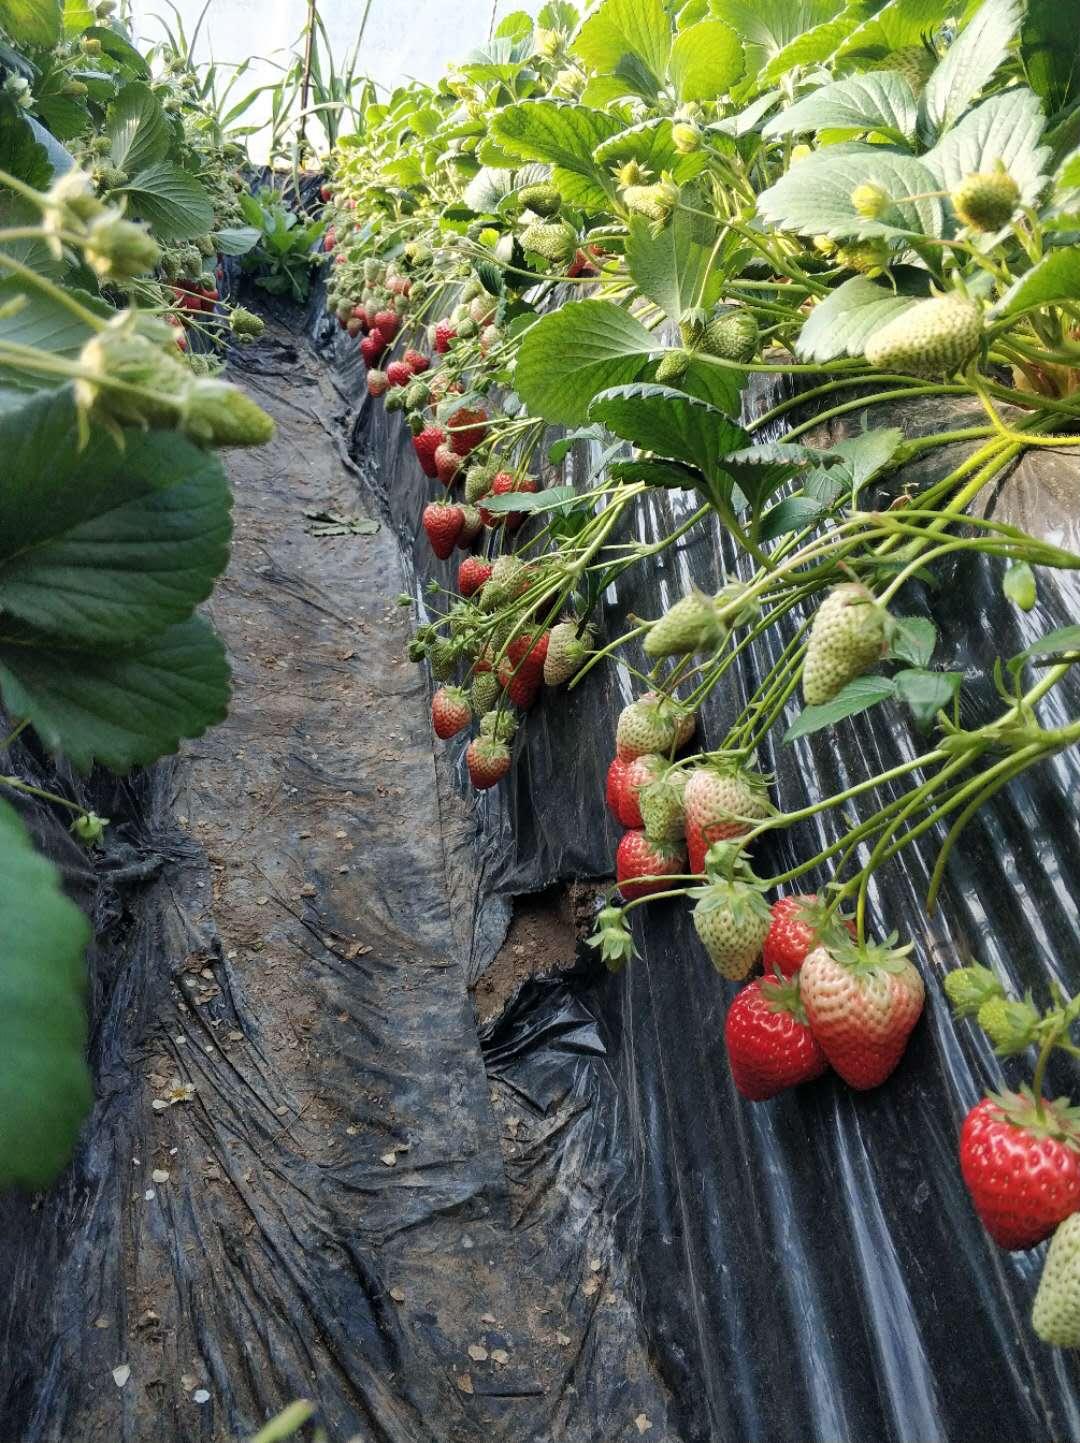 北京农产品供应信息平台助农户销售蔬果400多万公斤图片